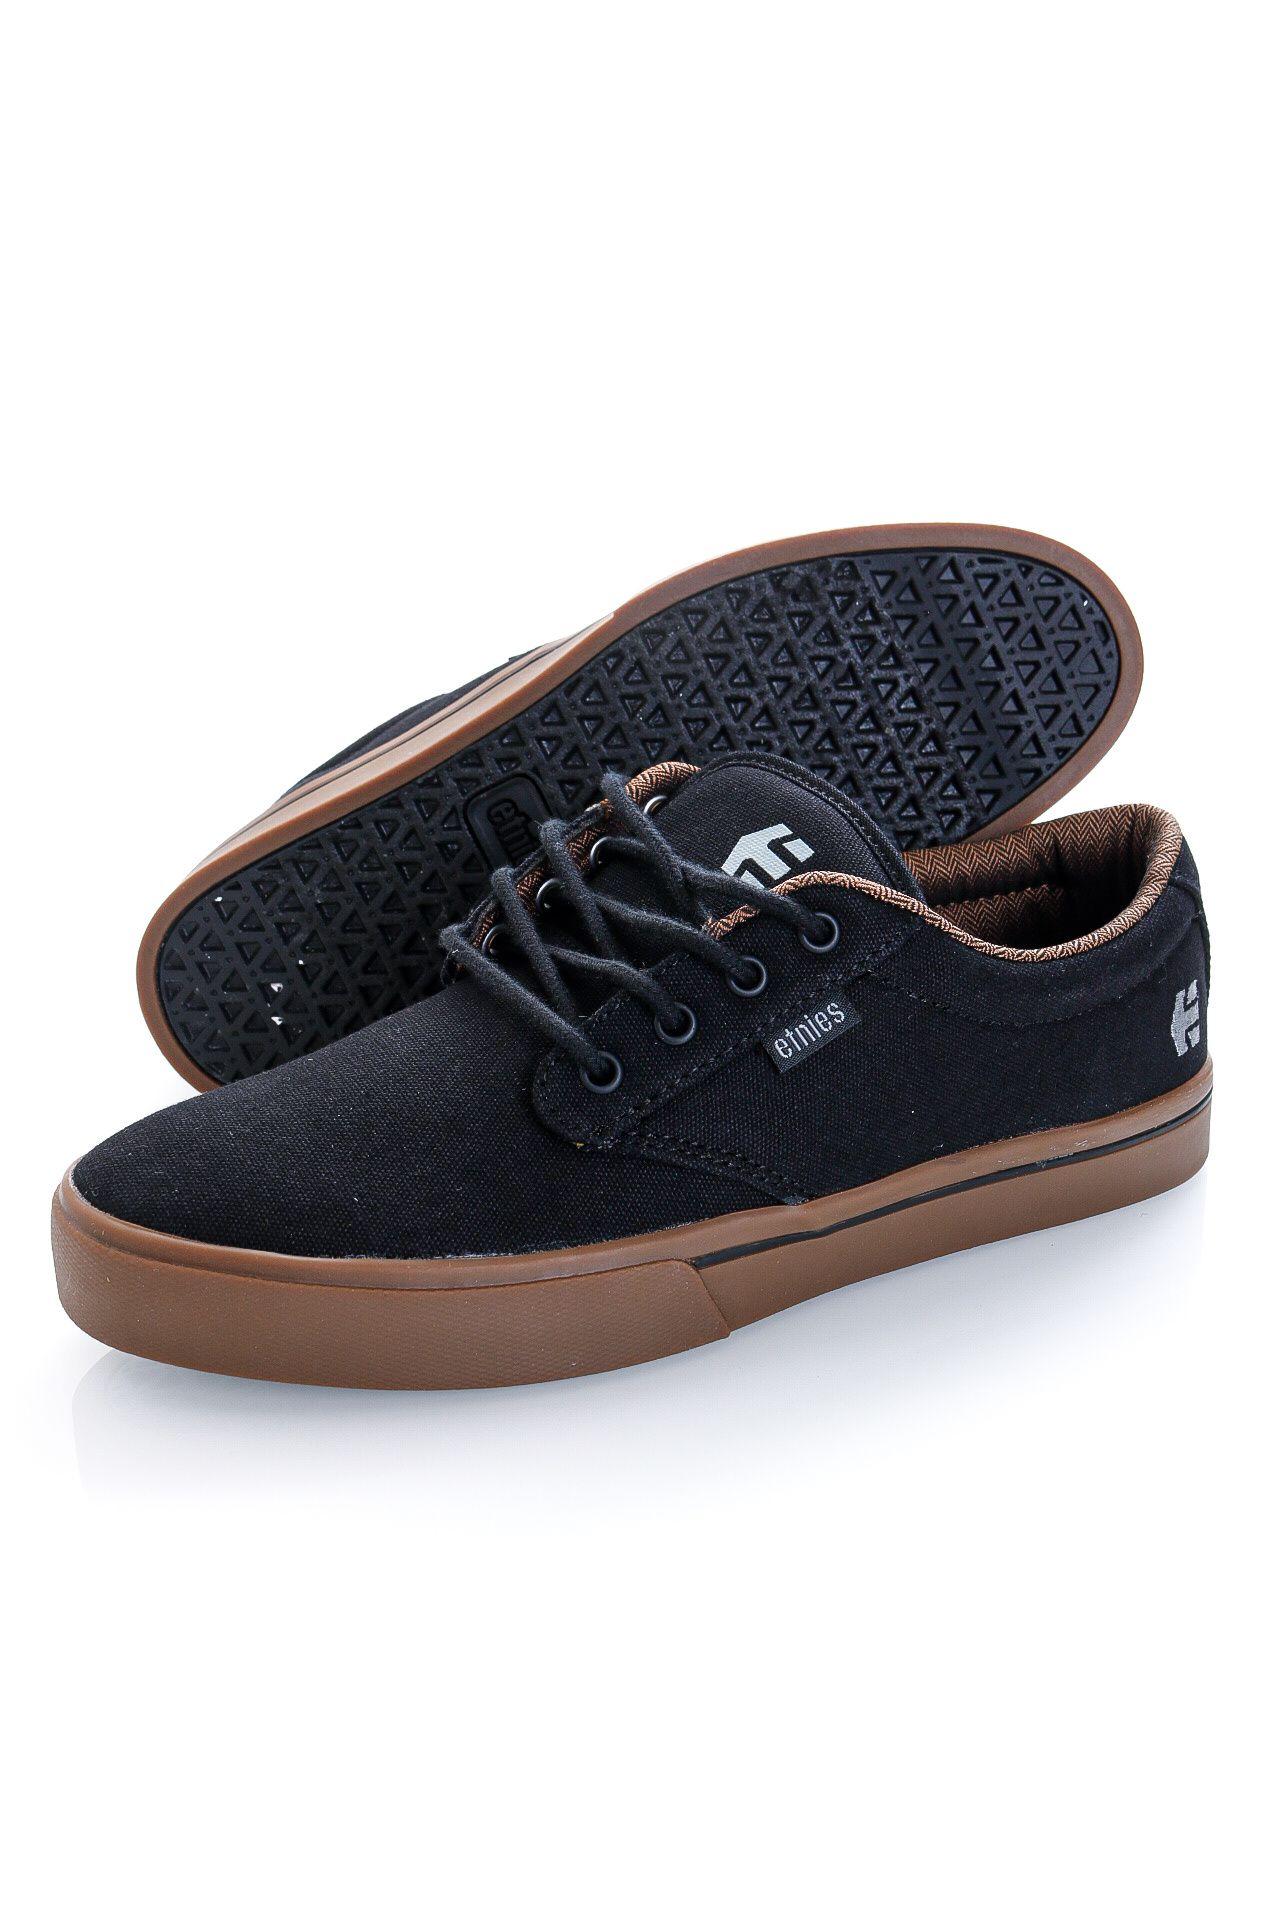 Afbeelding van Etnies Sneakers JAMESON 2 ECO BLACK/CHARCOAL/GUM 4101000323